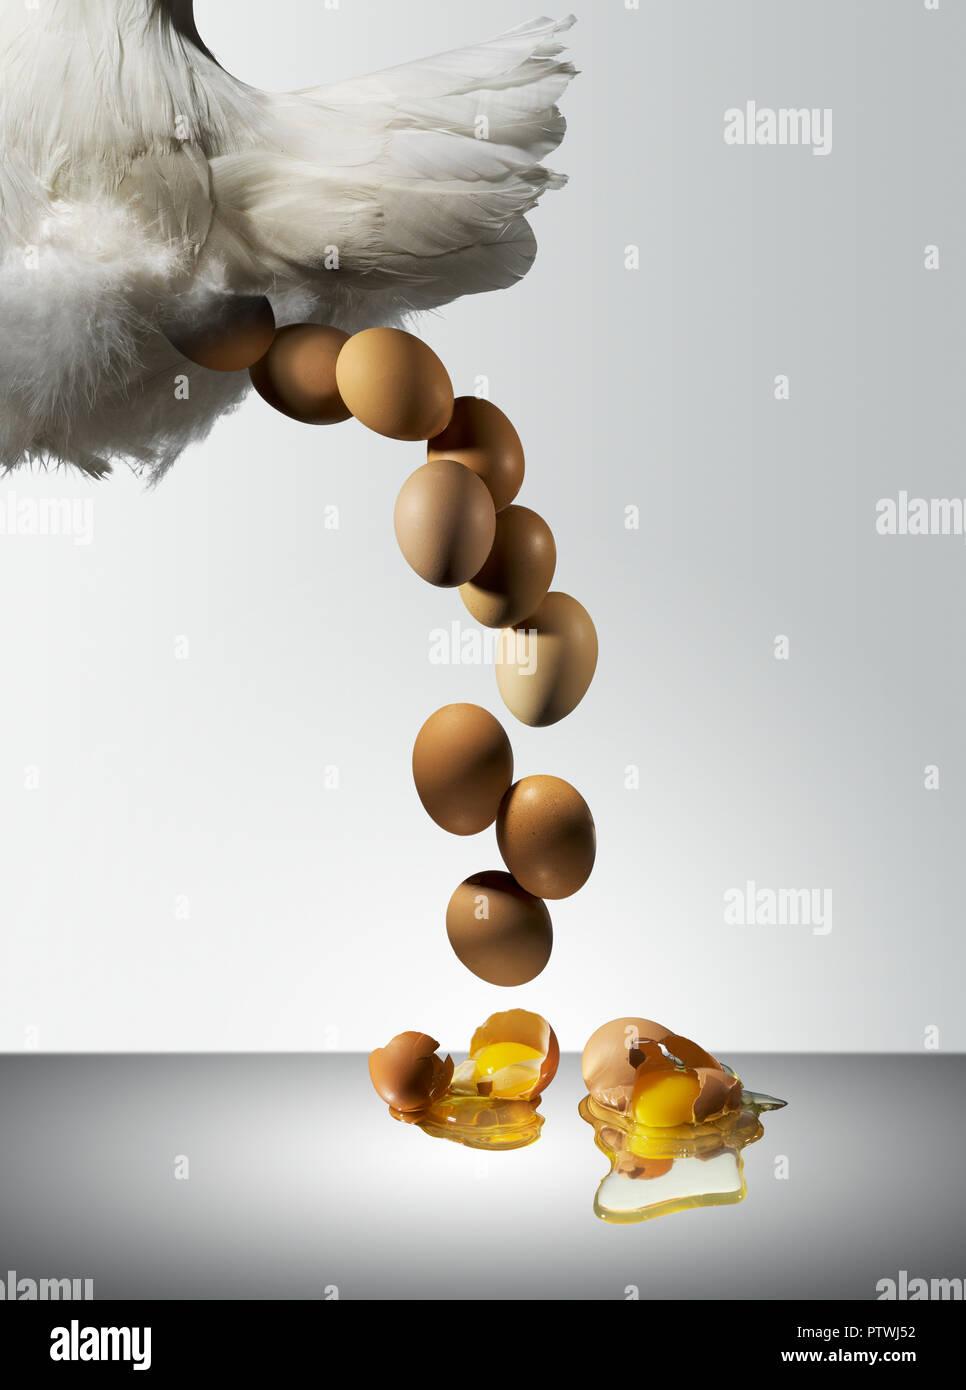 Henne über frische Eier mit Eigelb und Eiklar verschütten auf die Oberfläche Stockbild